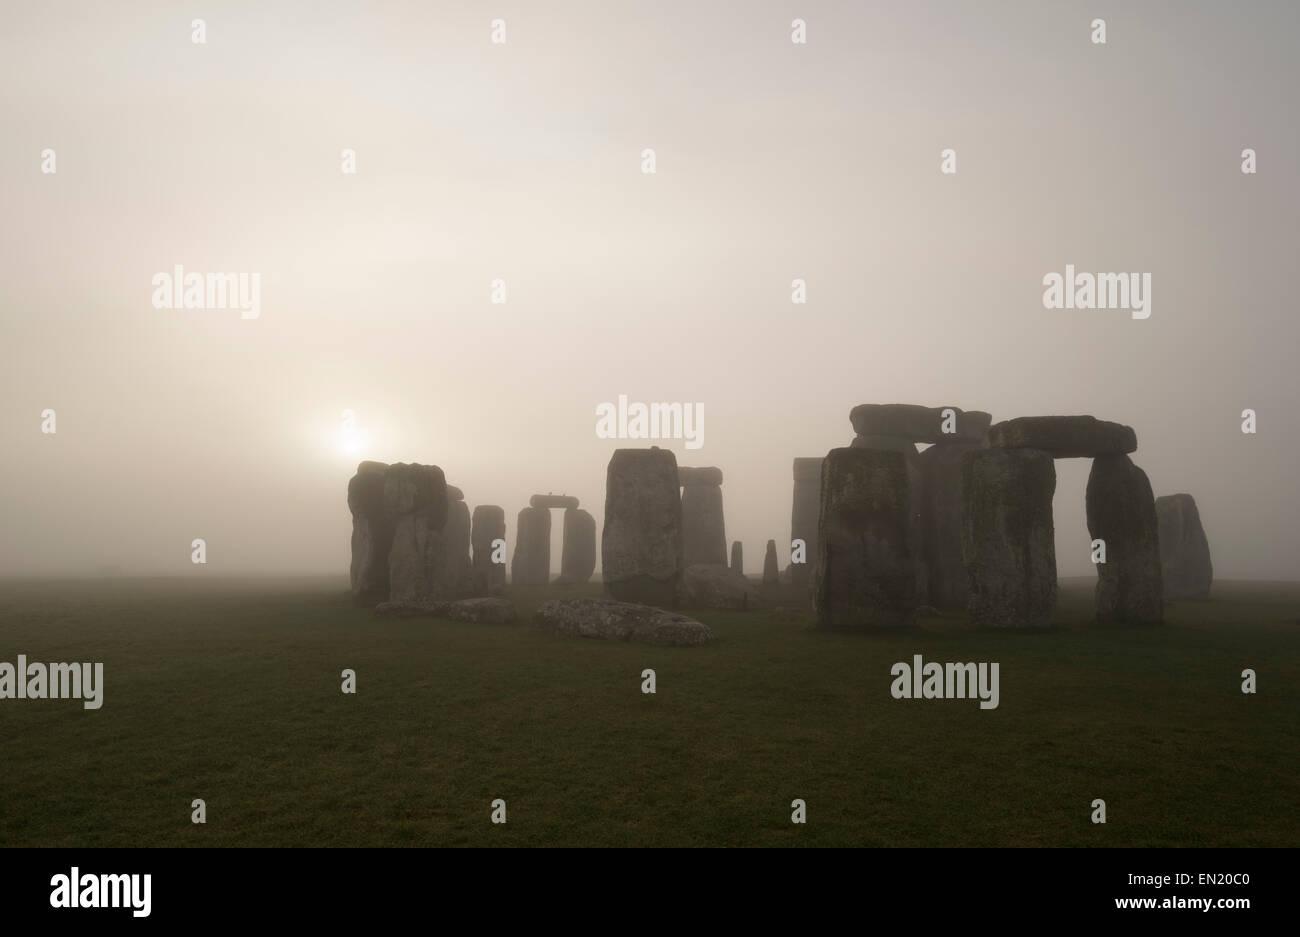 Dämmerung und Nebel in Stonehenge, prähistorische Monument von stehenden Steinen, Wiltshire, England. Stockbild